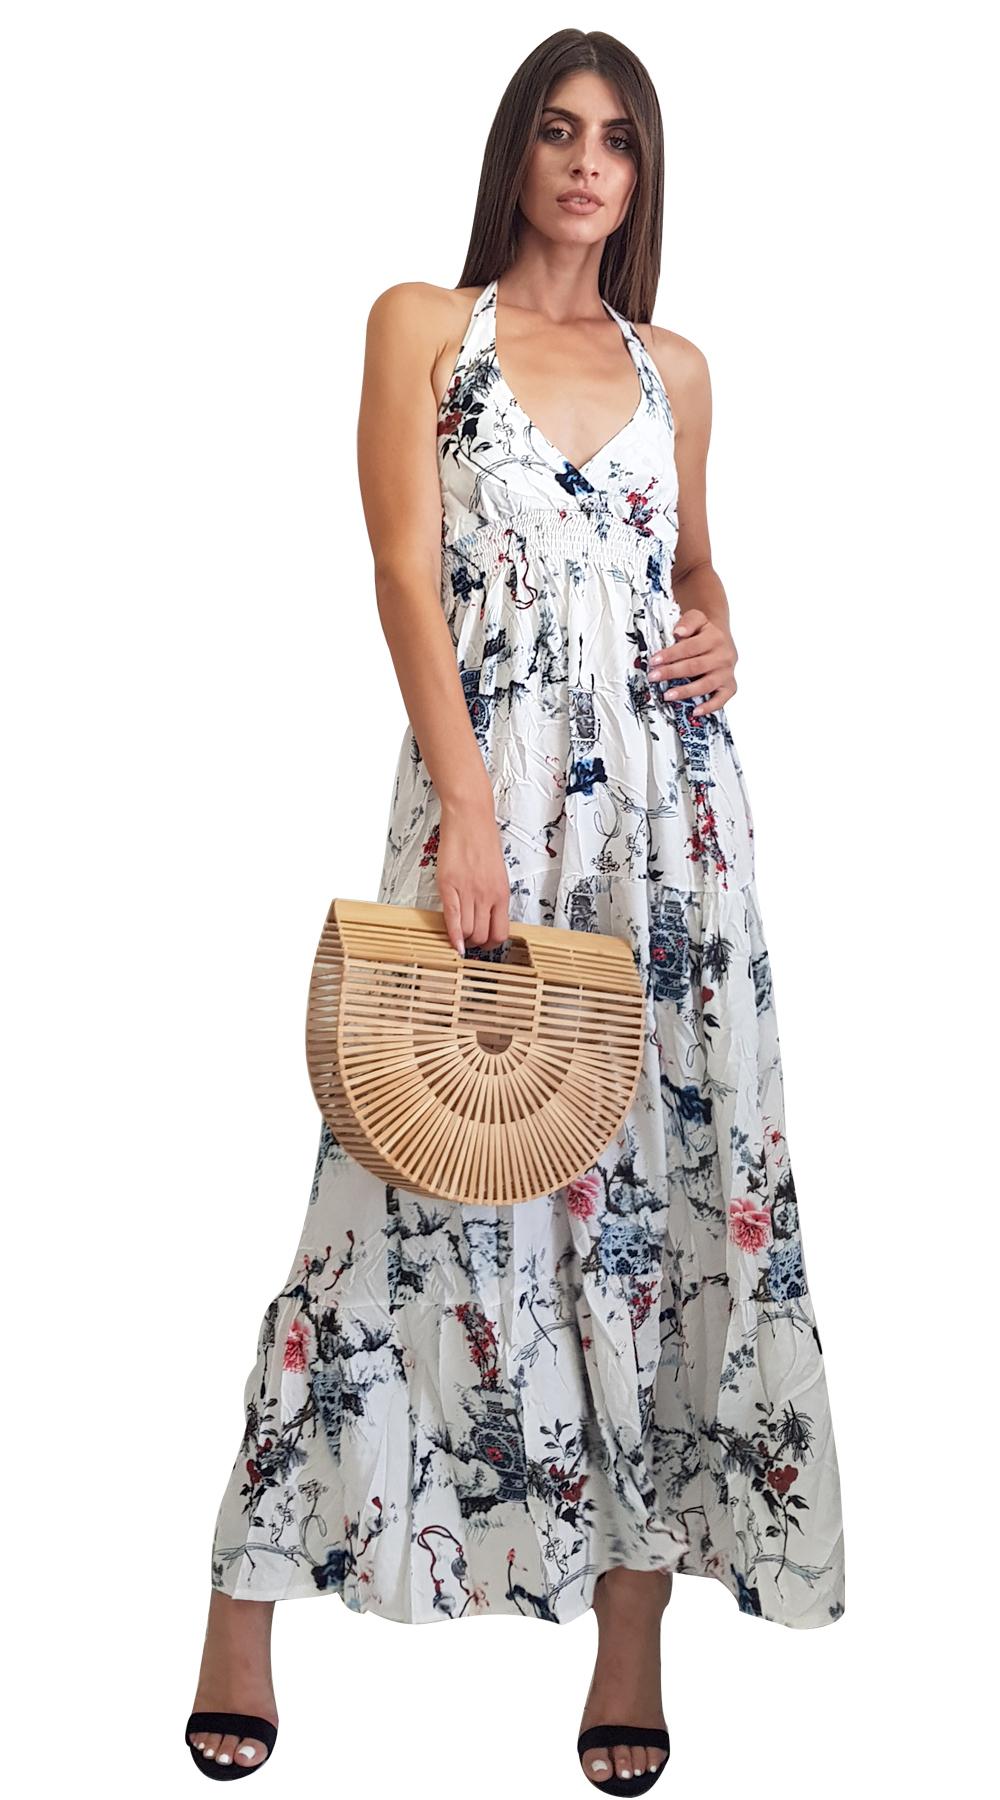 Μαξι φλοραλ φορεμα με εξω πλατη - MissReina - SP18ΜR-57782 φορέματα μάξι φορέματα